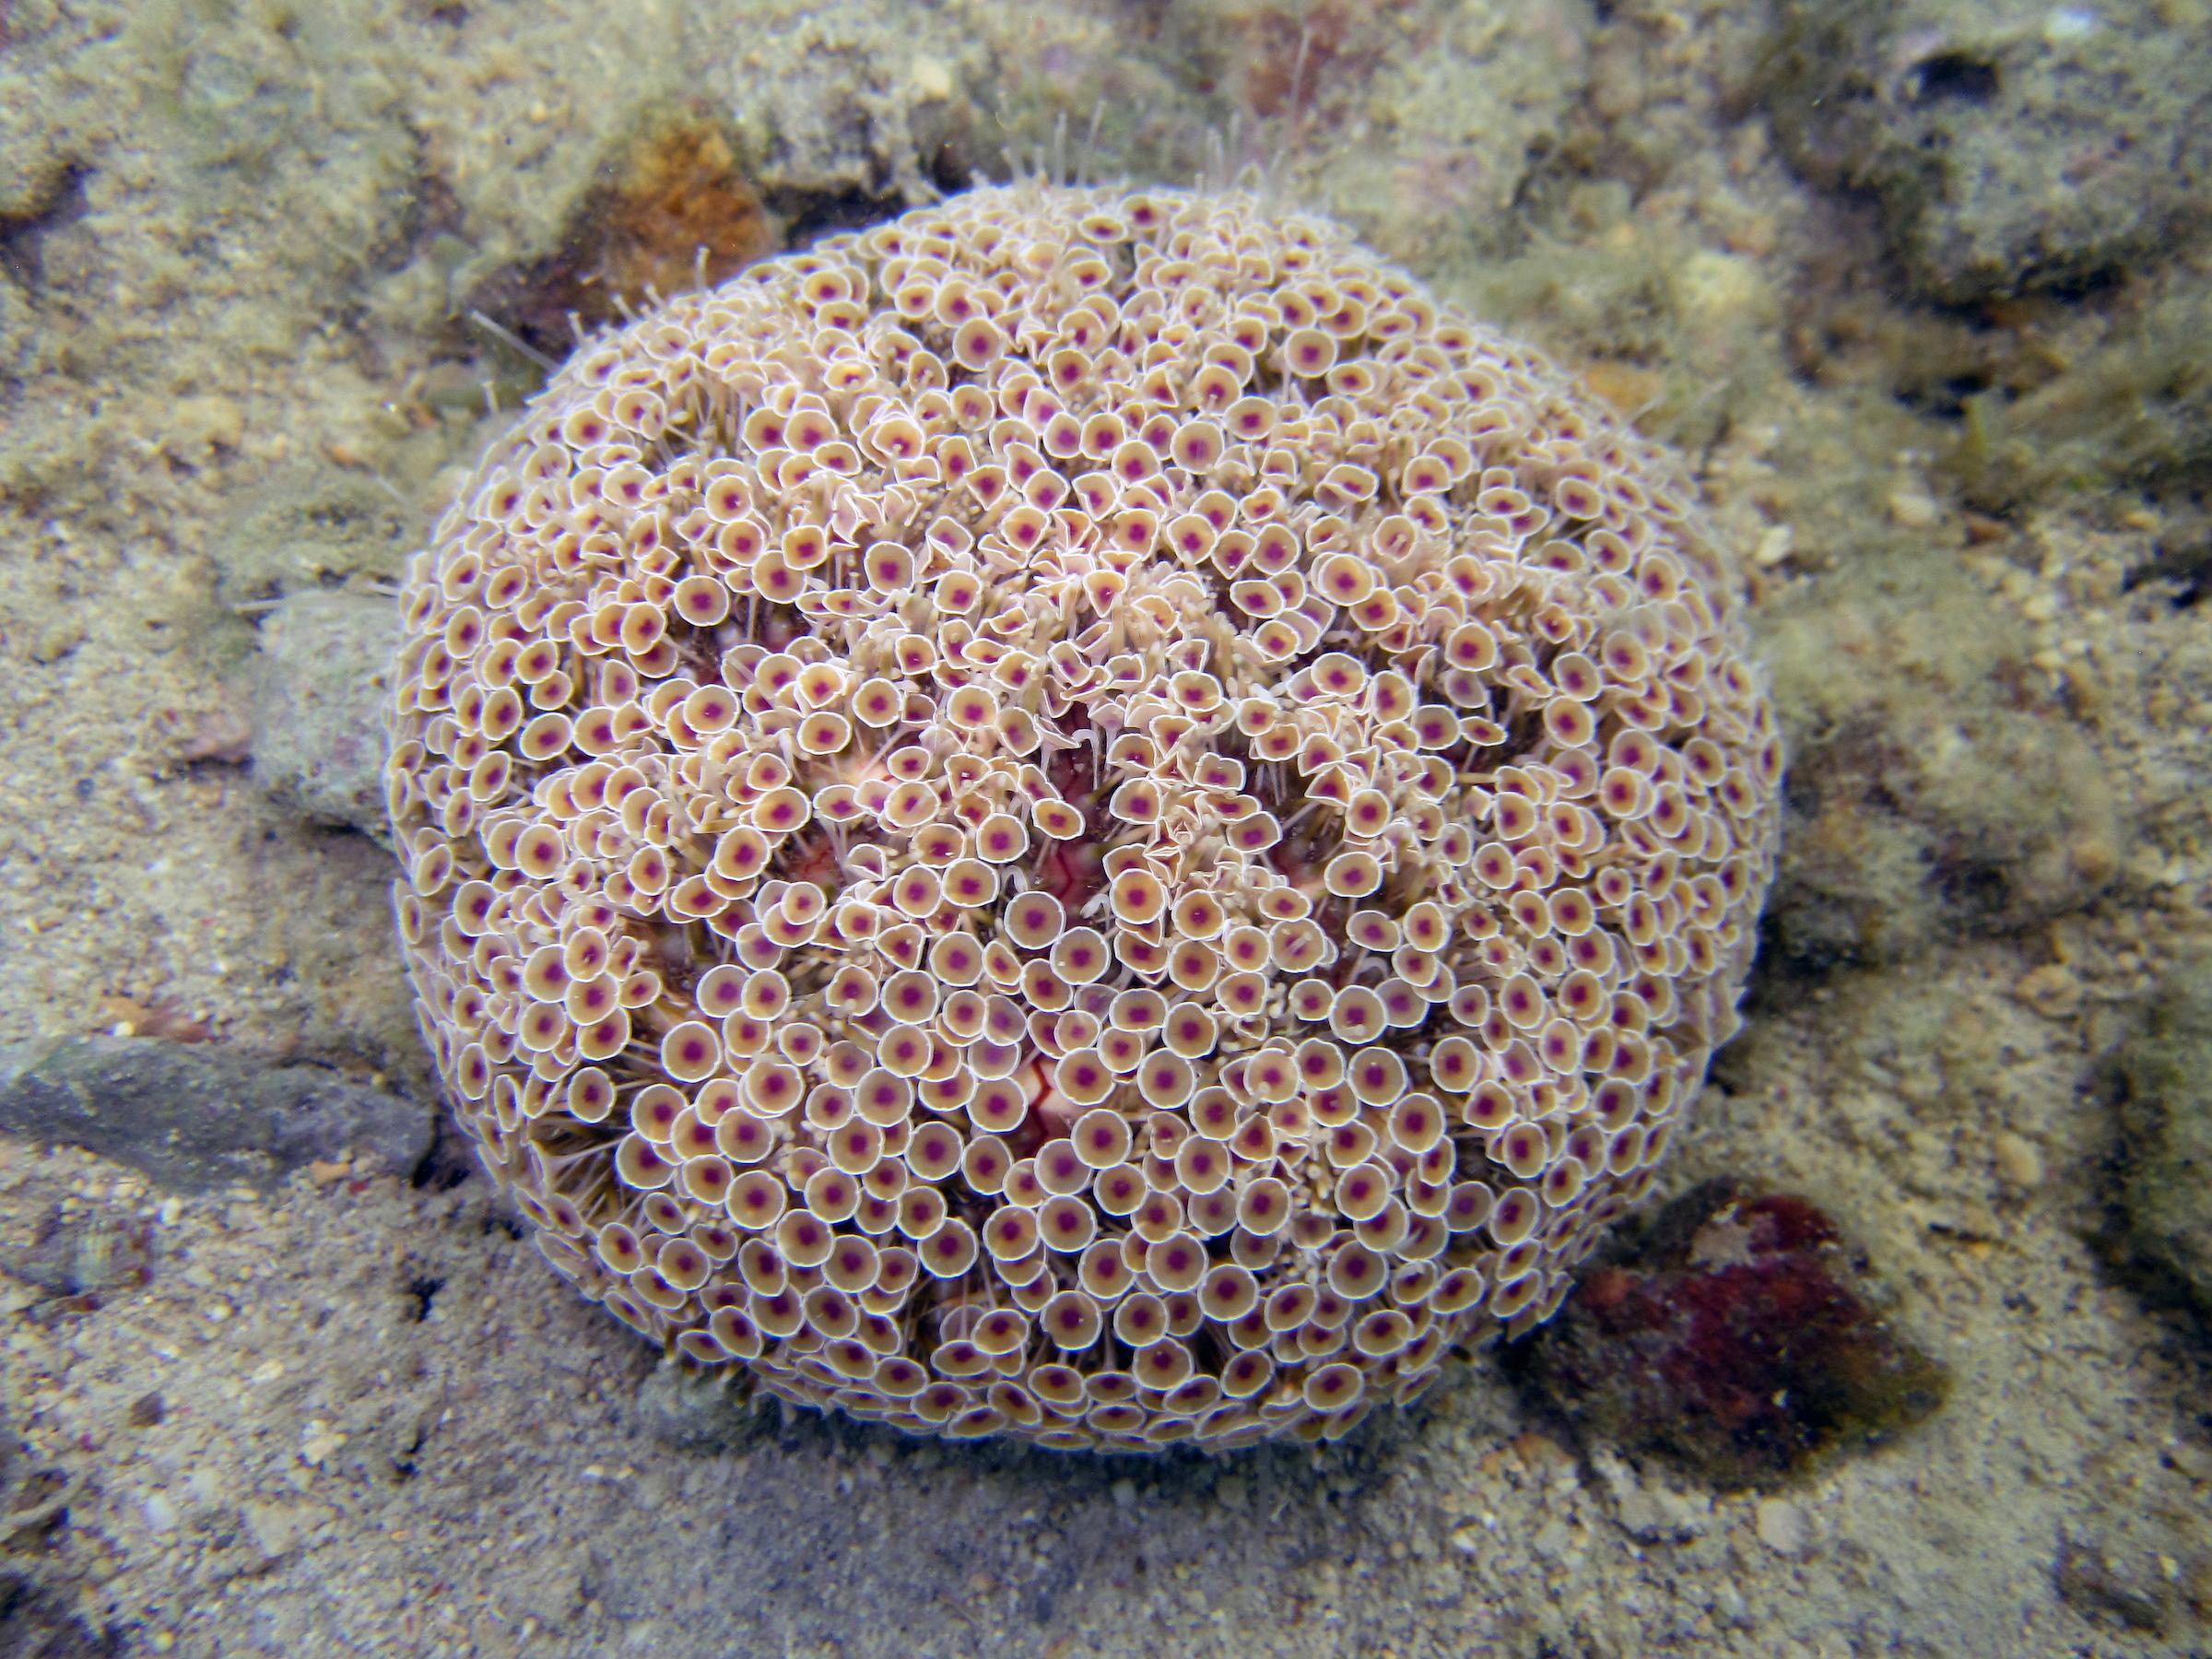 A <em>Toxopneustes pileolus</em> urchin—Photo © Rich Mooi